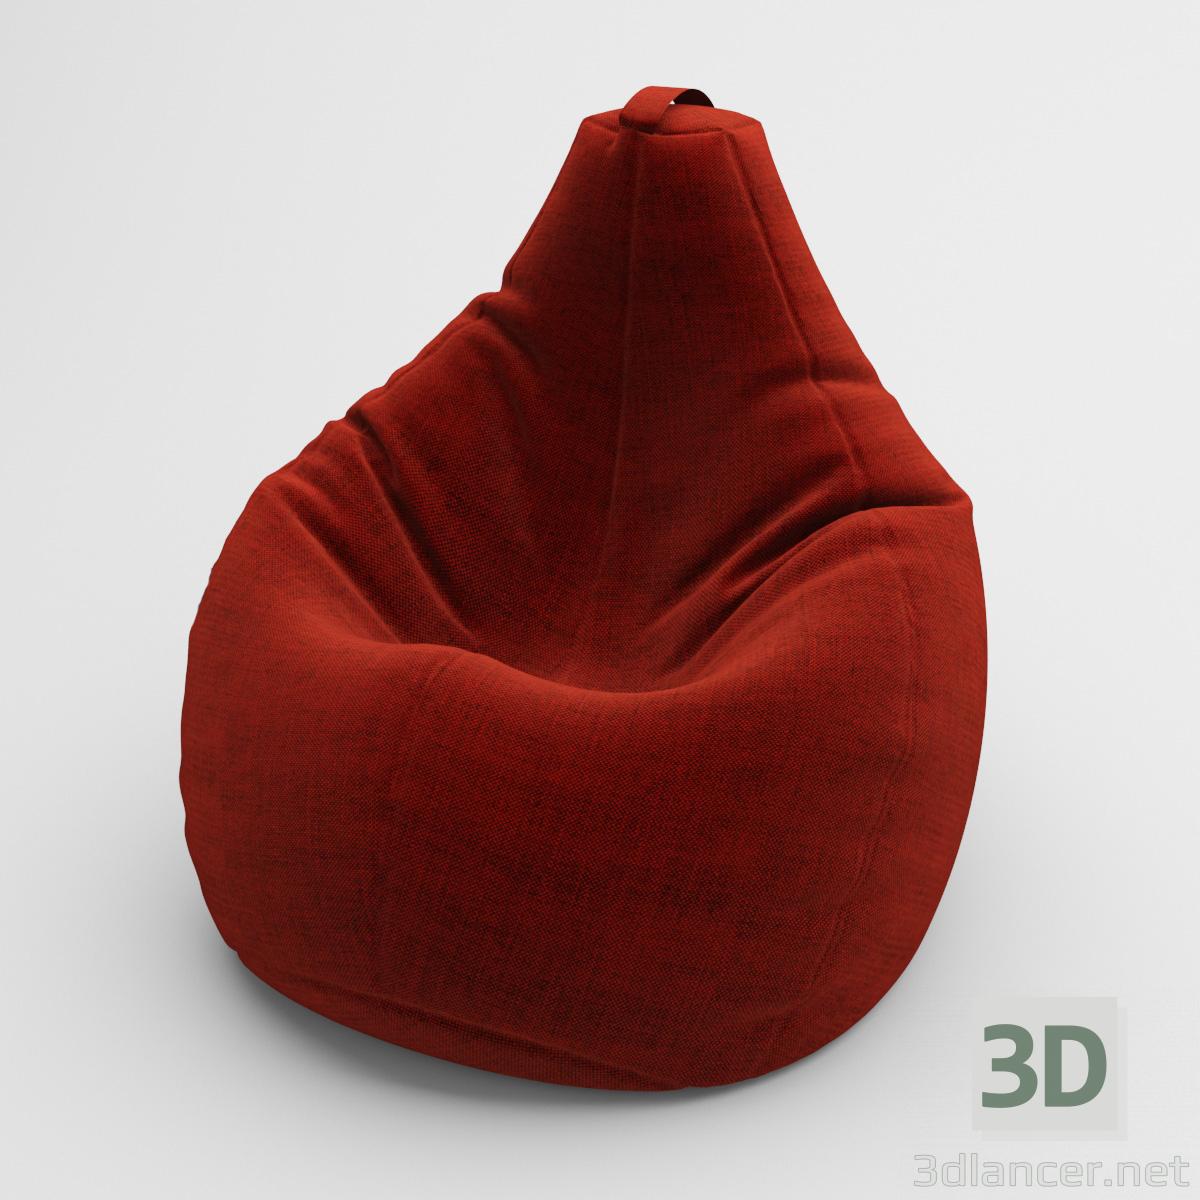 3 डी मॉडल एक कुर्सी एक नाशपाती - पूर्वावलोकन